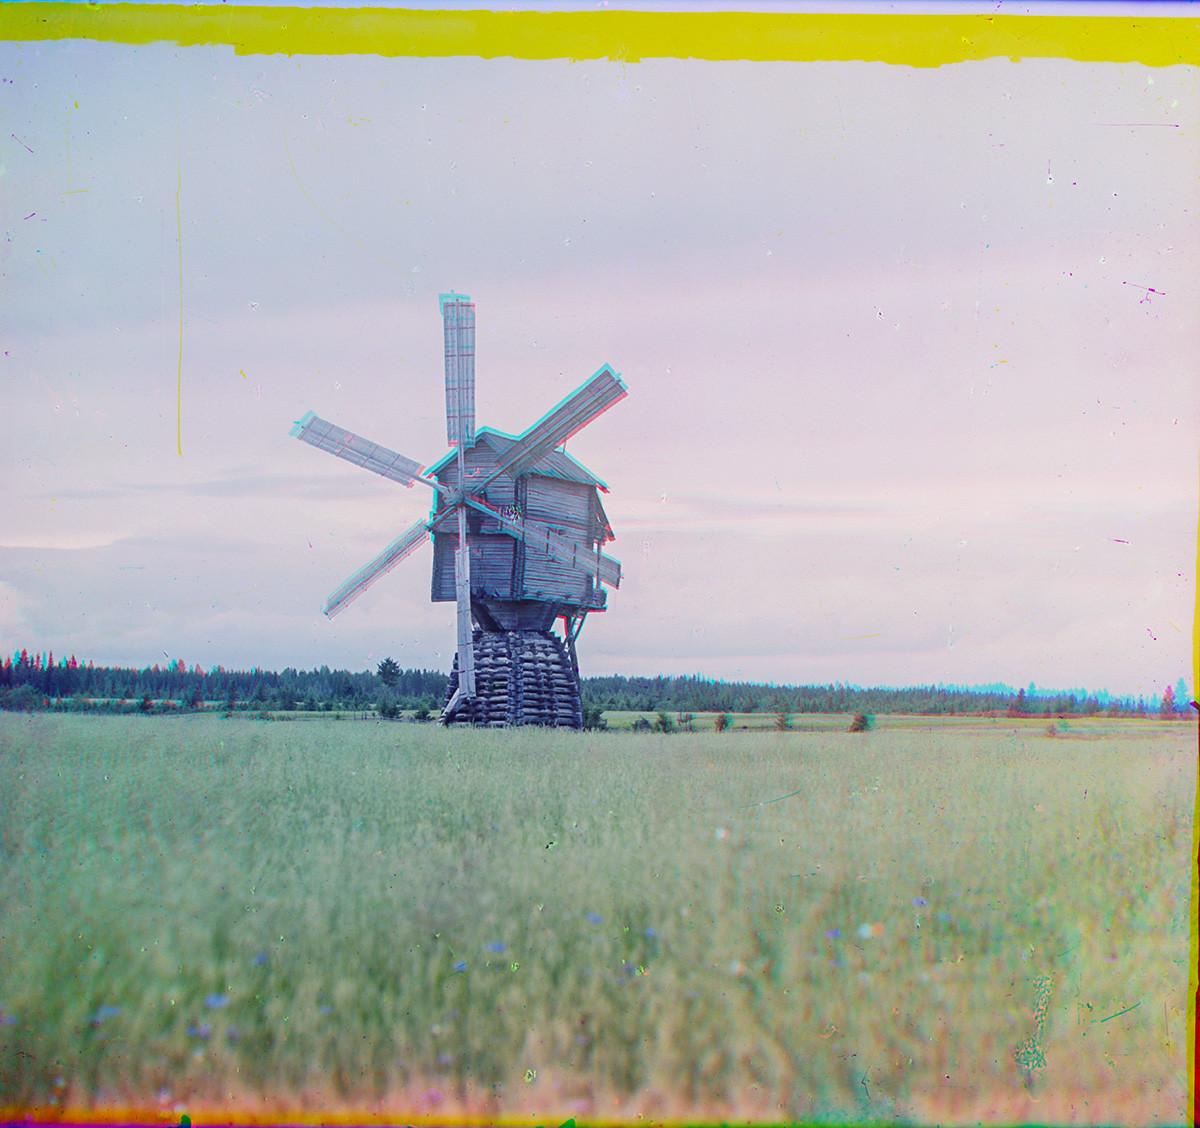 Leouchino (région de Tcherepovets). Moulin à sur pivot à six pales de type toltcheïa, qui pilait le grain au lieu de le moudre. Village maintenant submergé dans le réservoir de Rybinsk